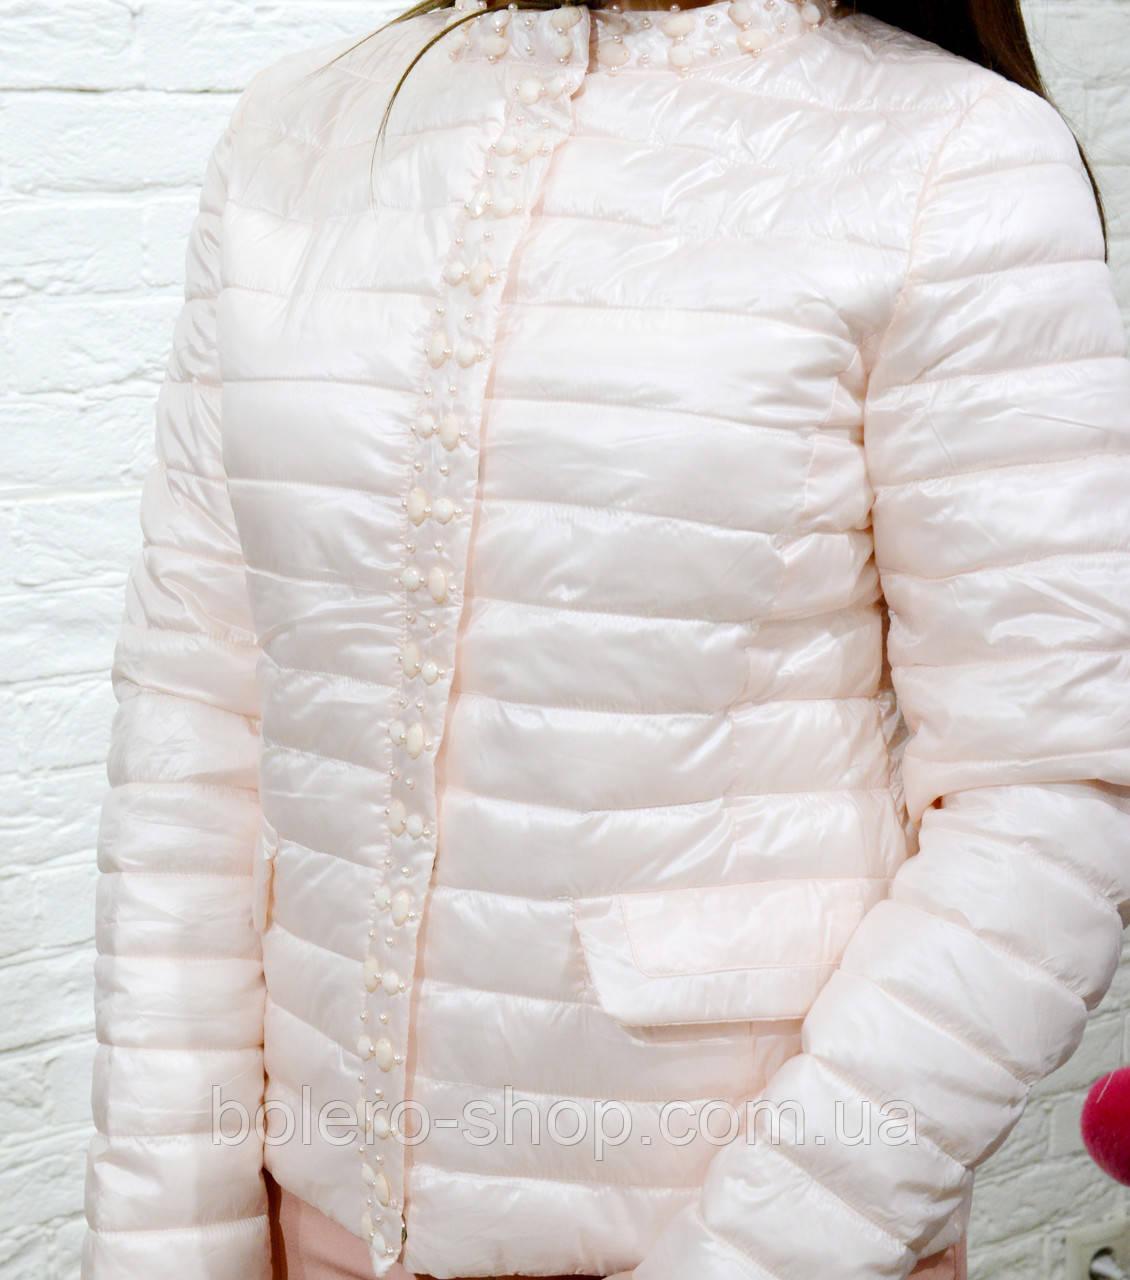 Куртка женская  розовая синтепоновая обшитая бисером